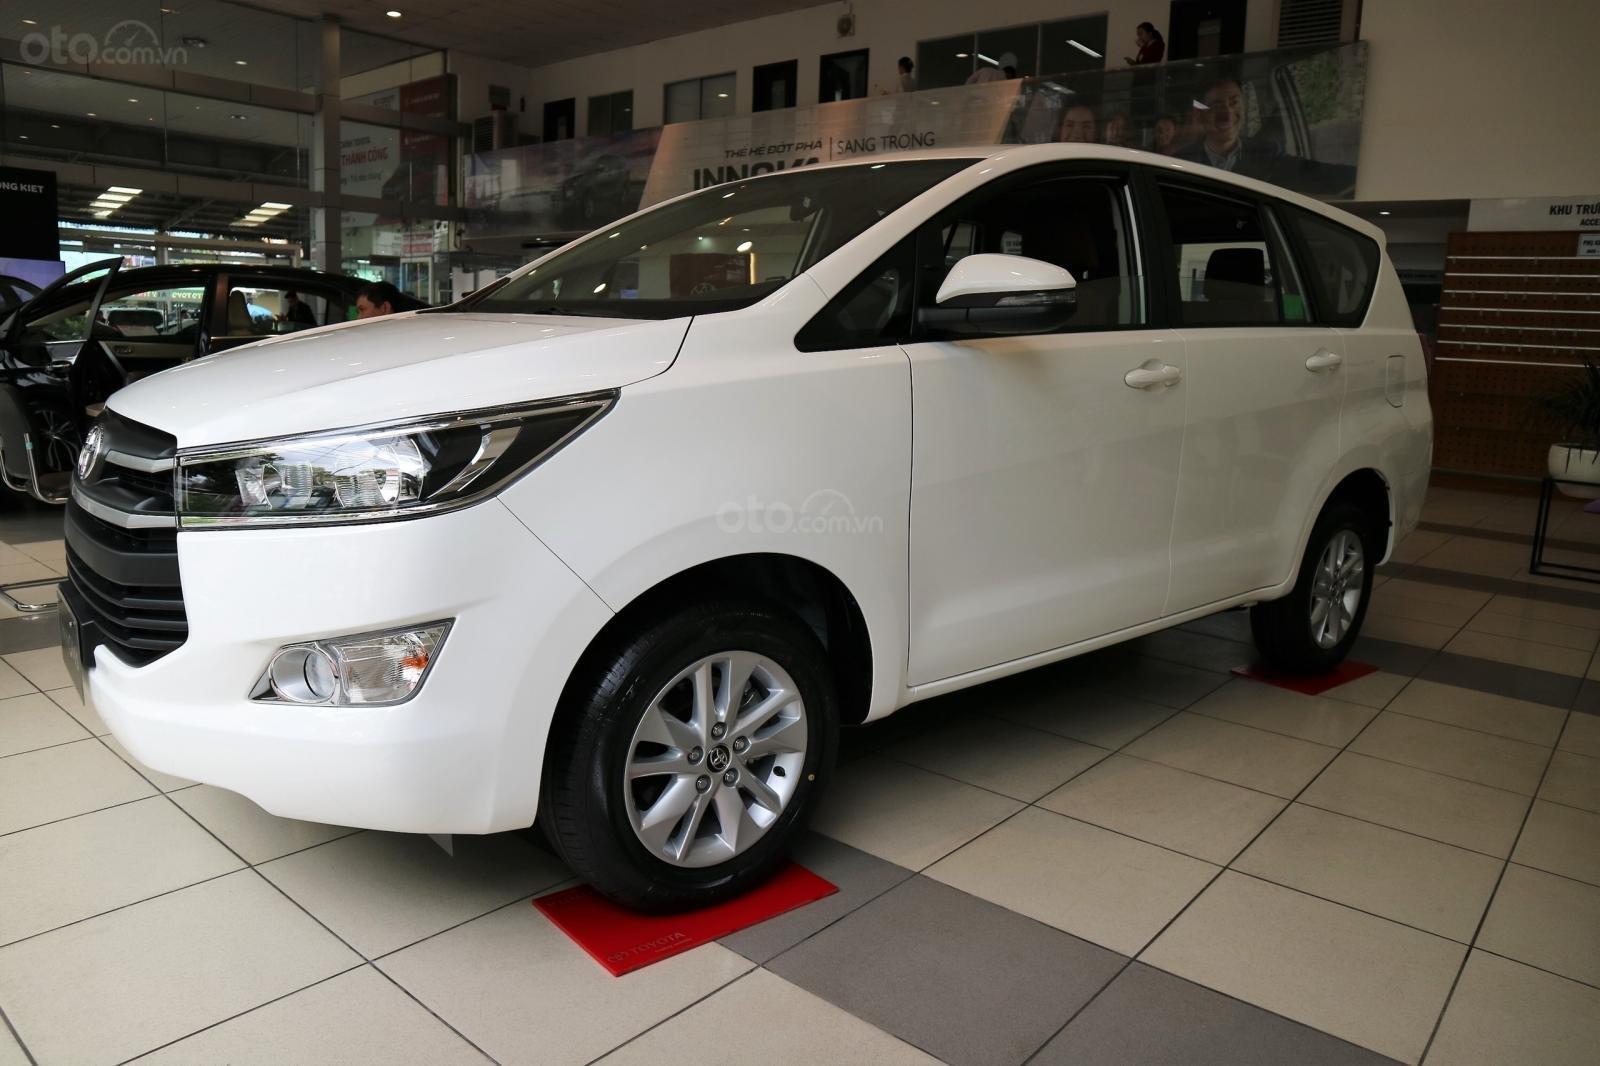 """Toyota Innova 2.0E MT khuyến mãi cực """" khủng"""" tại Toyota Lý Thường Kiệt, hỗ trợ góp 80% xe sẵn đủ màu giao ngay (14)"""